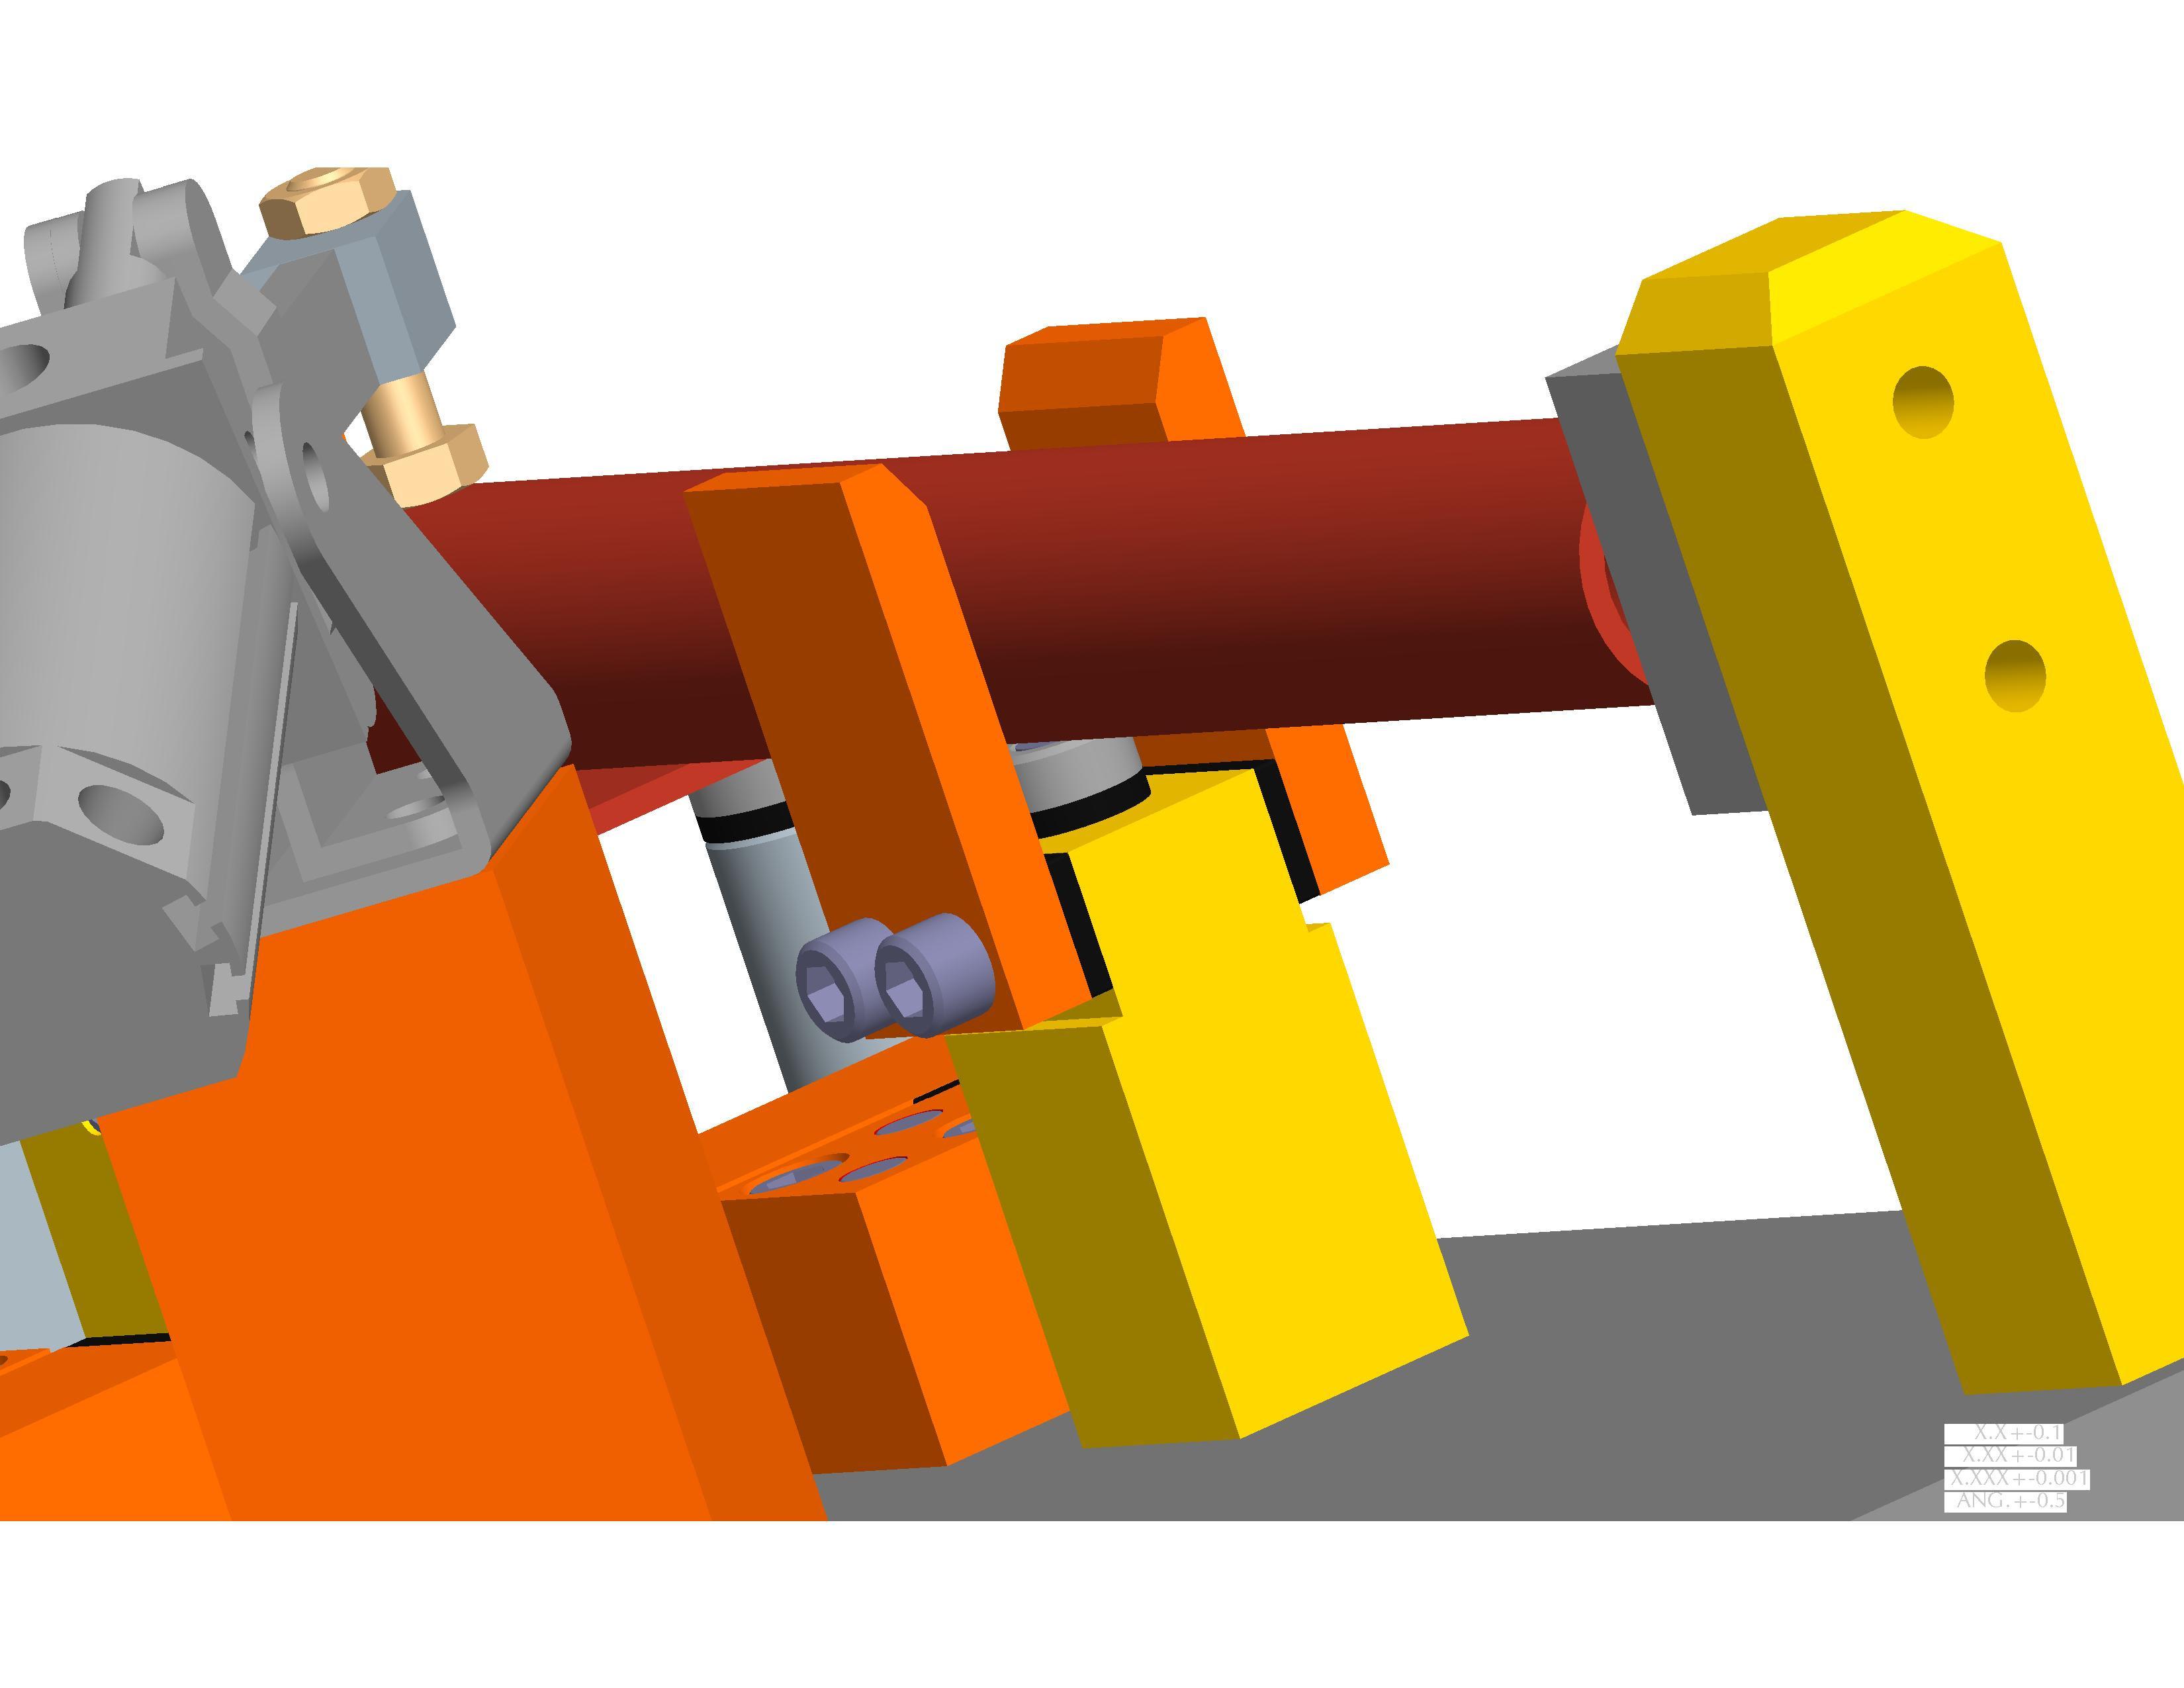 Jig or Weld Fixture Design – Locating Round Tubing | Weld Fixture ...